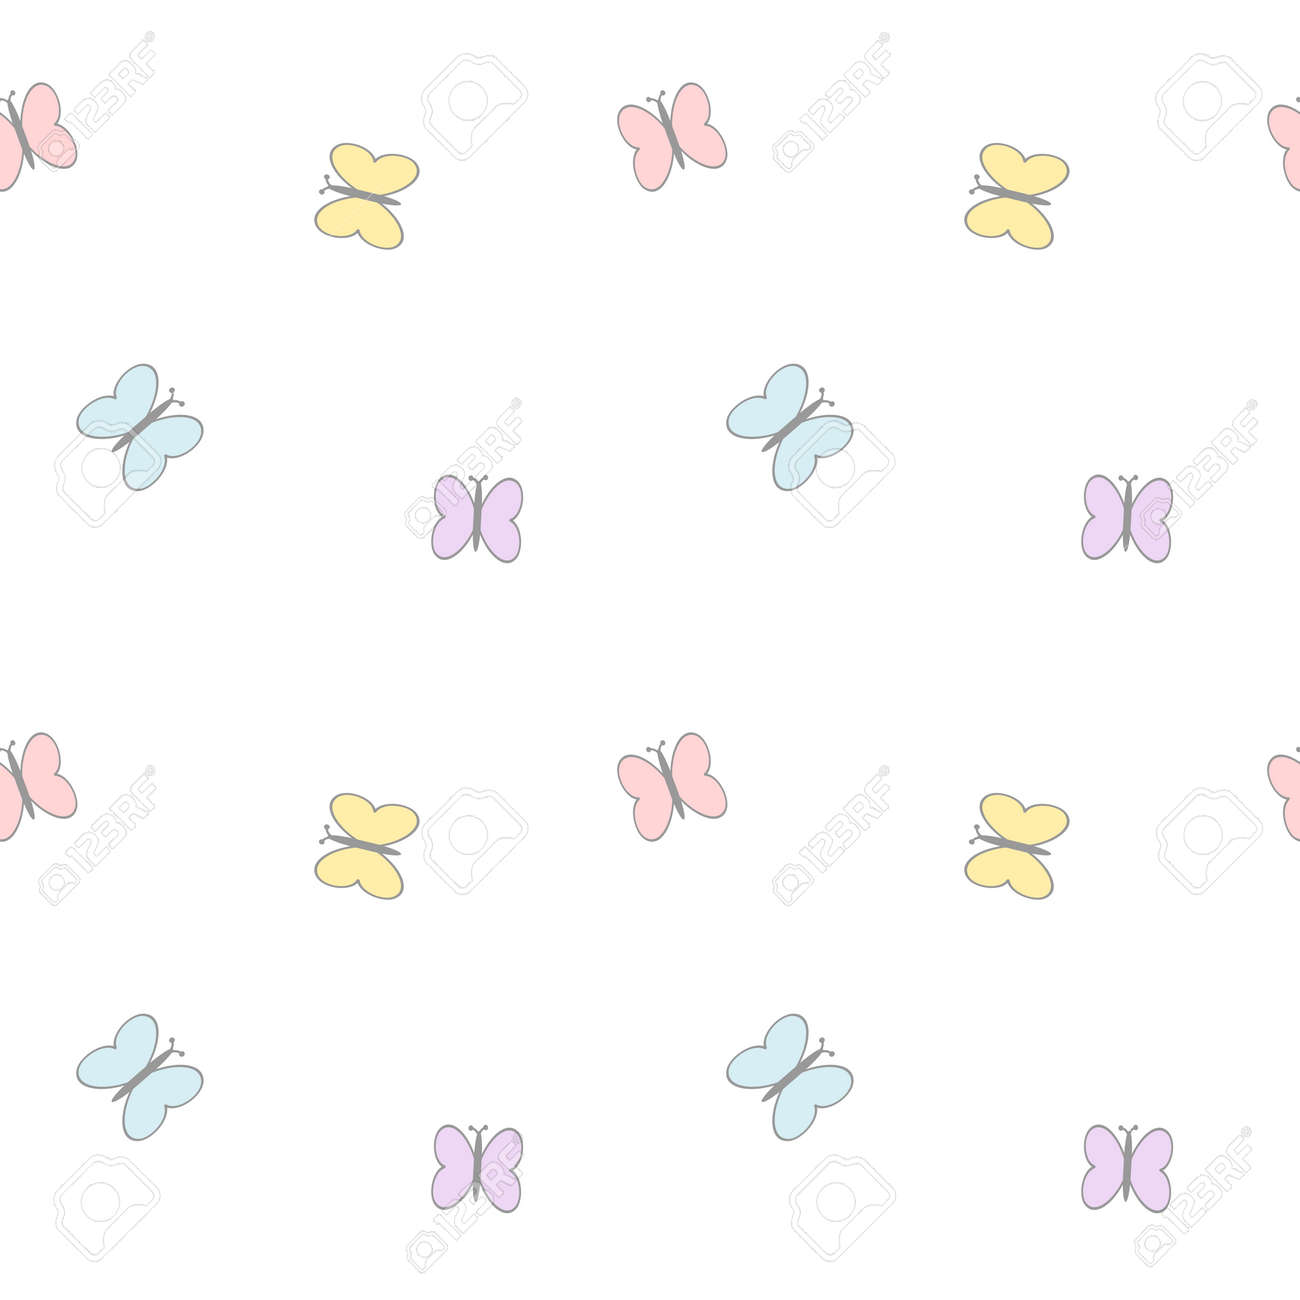 カラフルなかわいい漫画蝶ベクトル パターン背景シームレスなイラスト